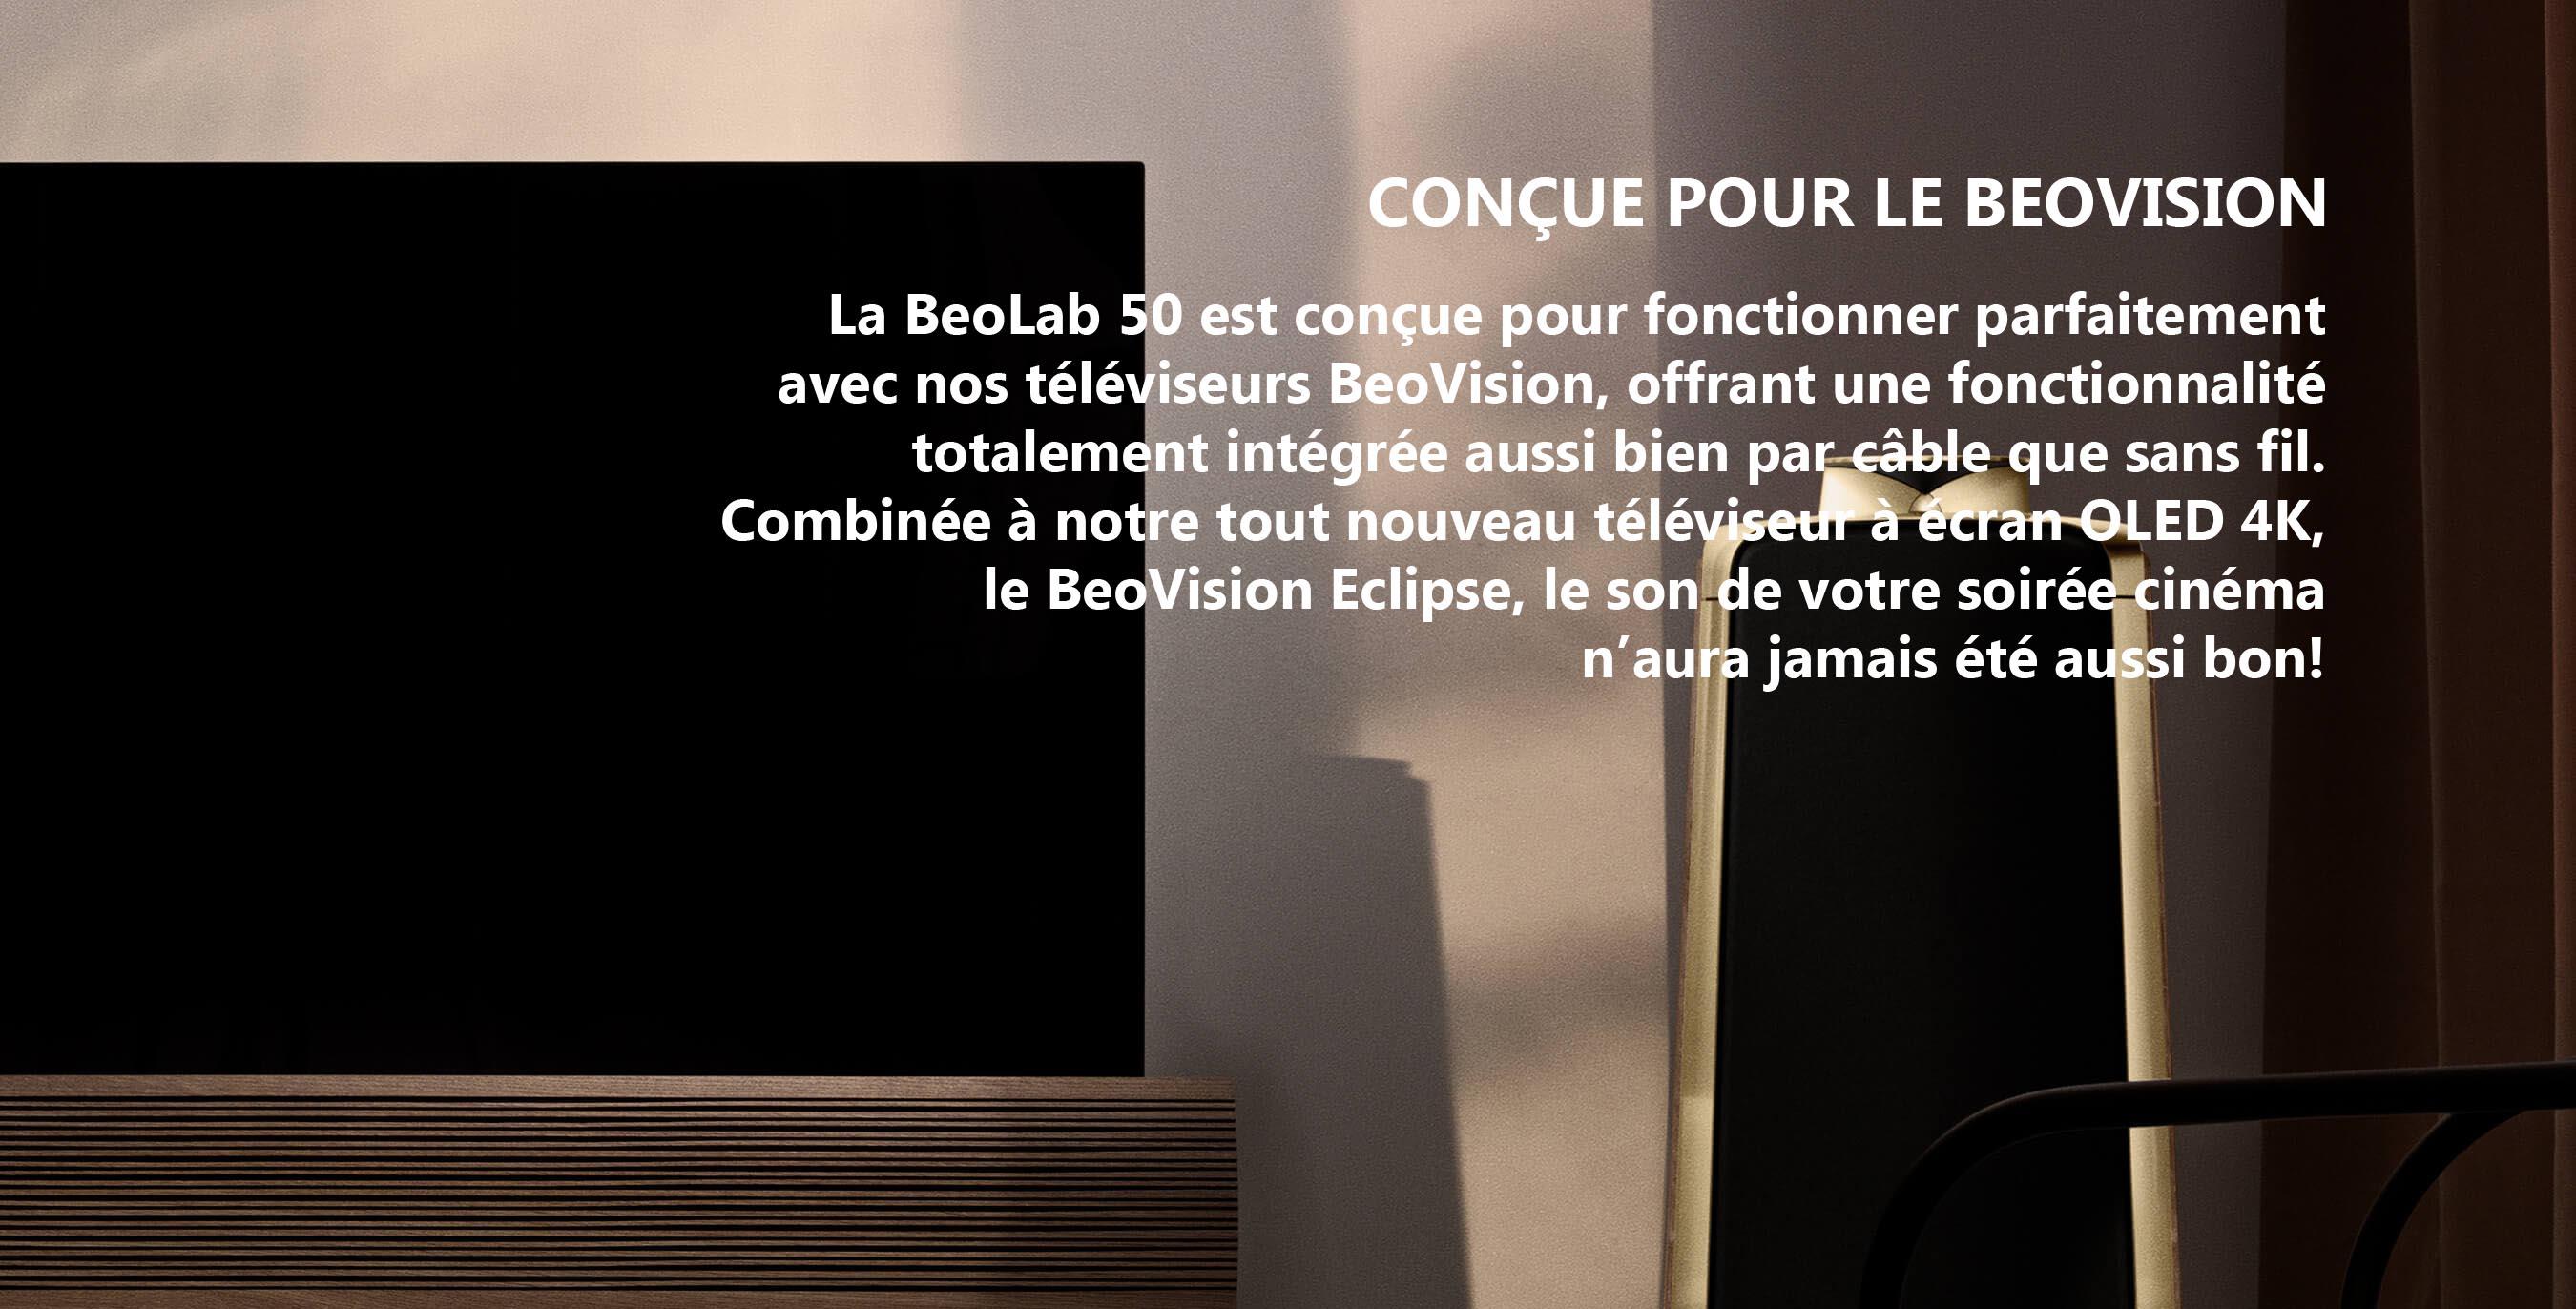 https://lamarque.fillion.ca/wp-content/uploads/2019/03/integration-1350-01-brass-min.jpg